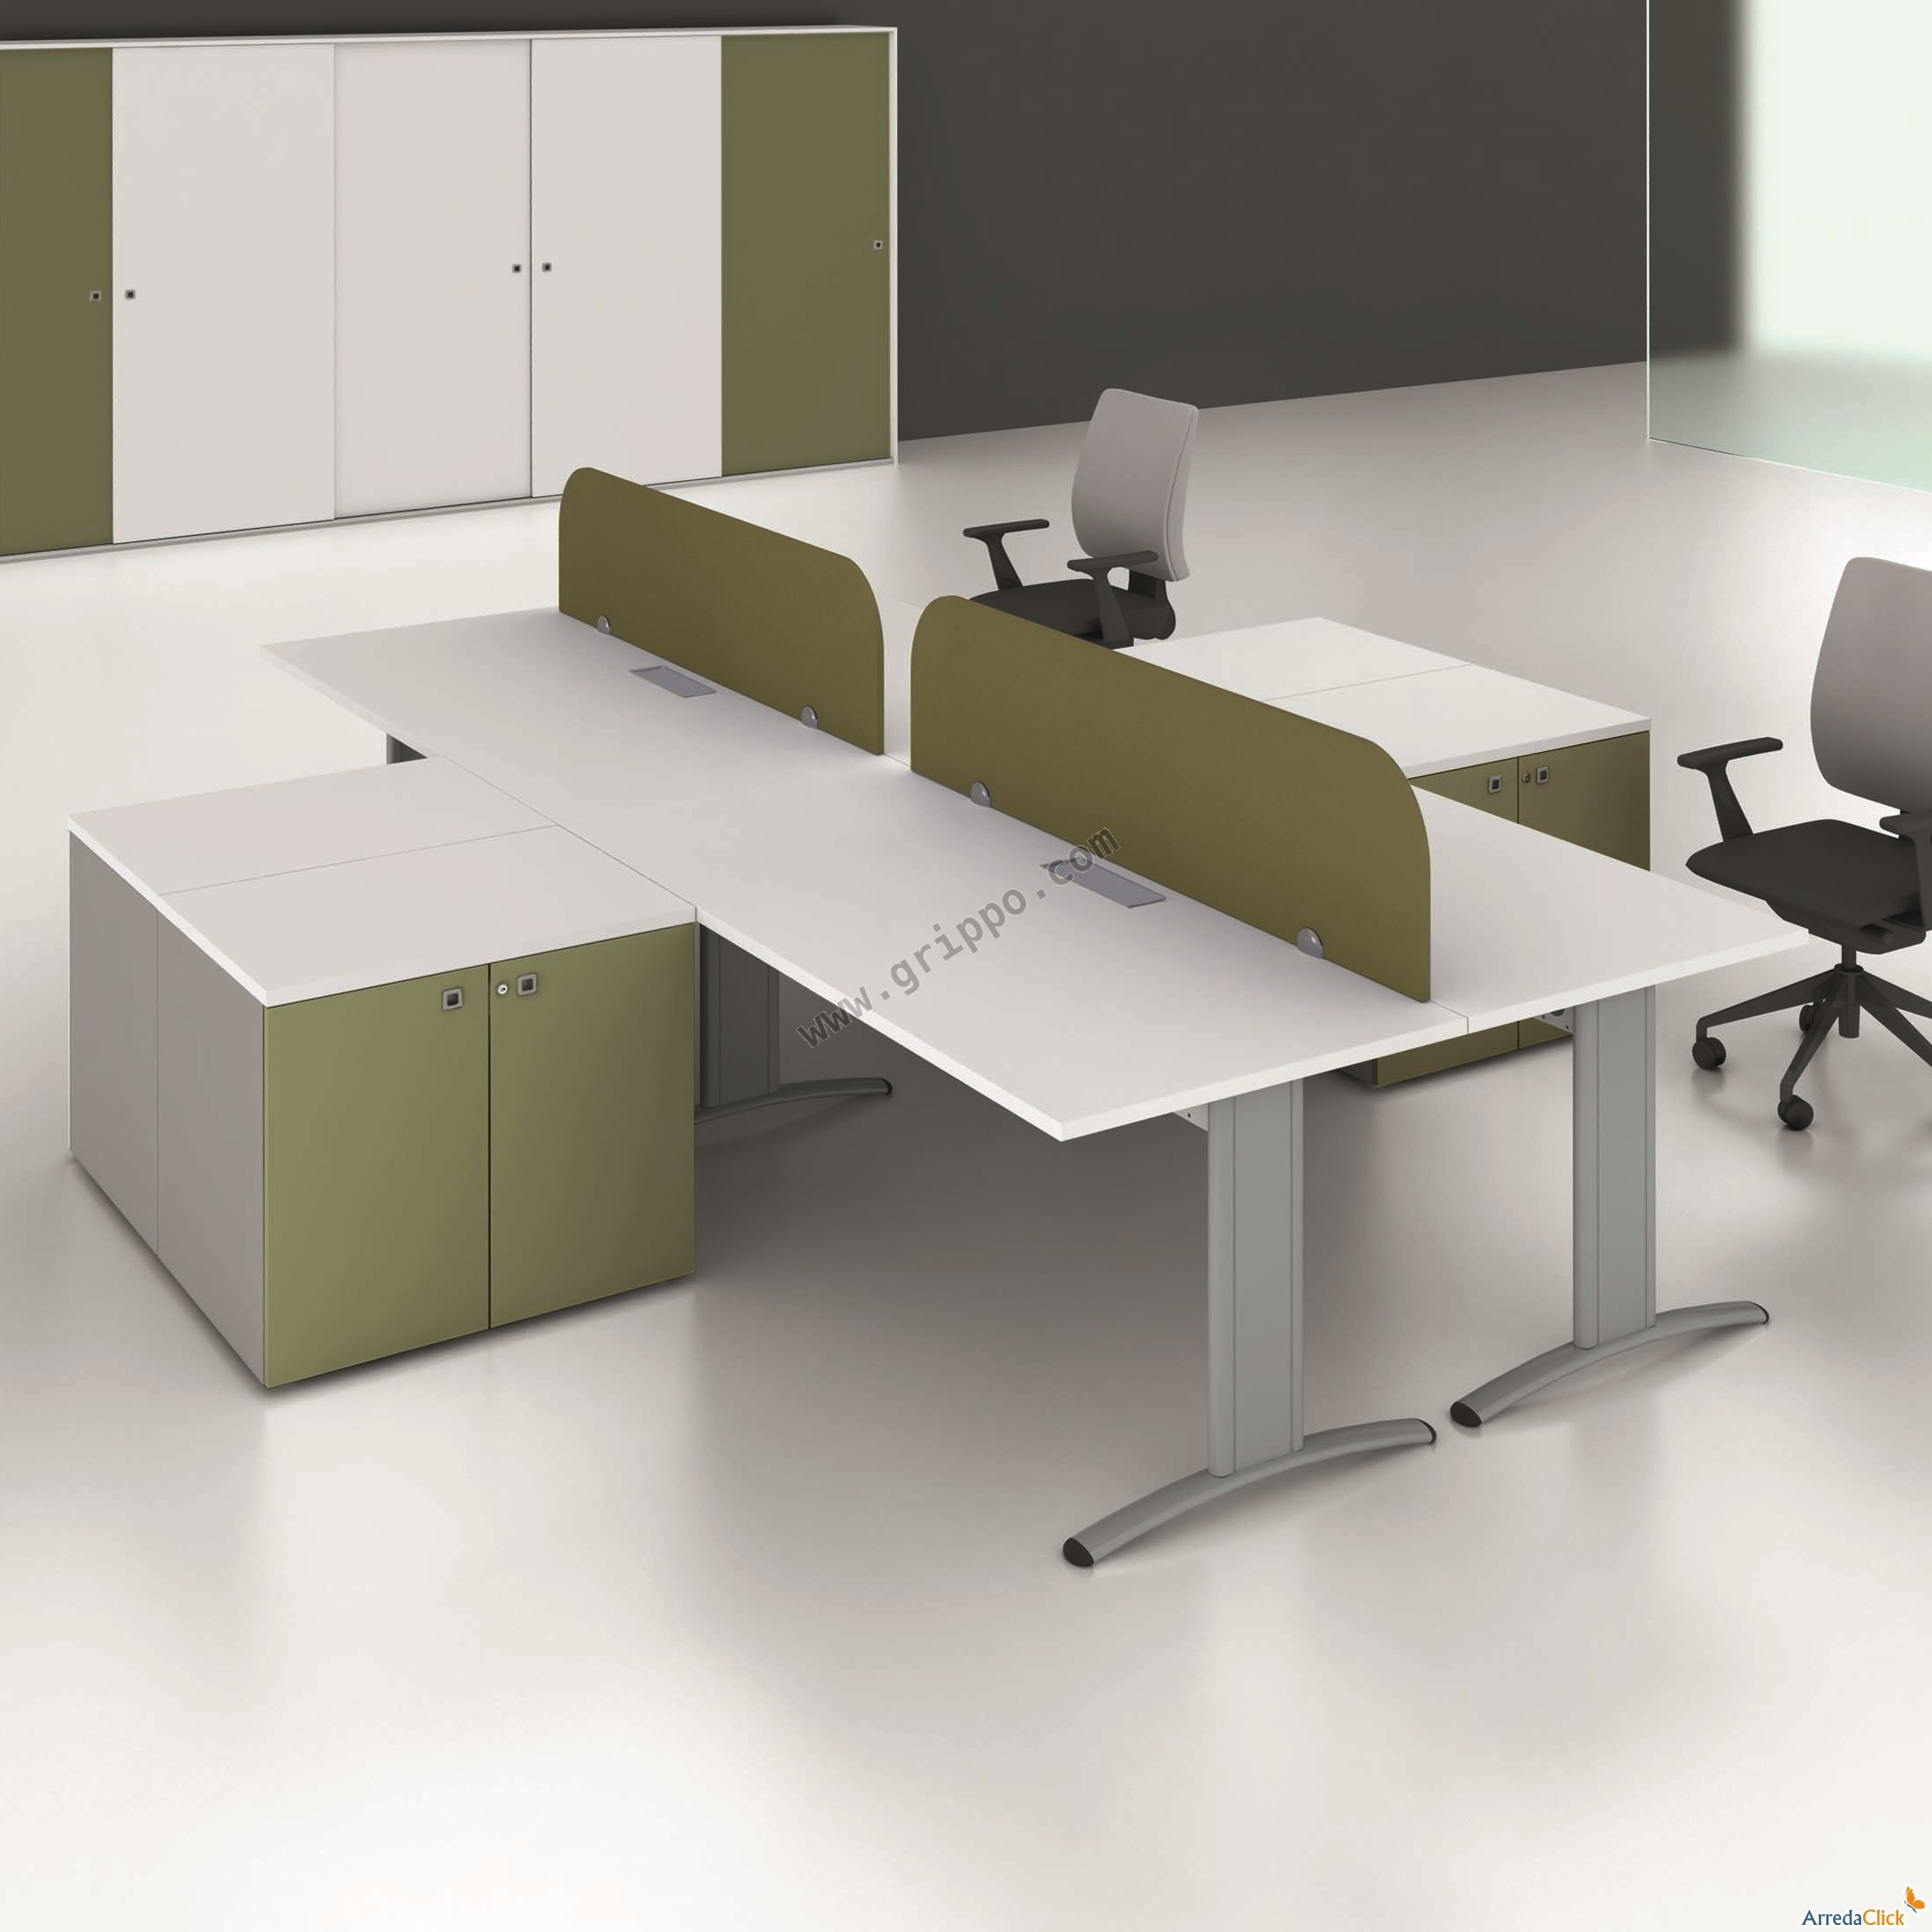 Muebles de oficina sillas sillones complementos dise o for Sillones para oficina